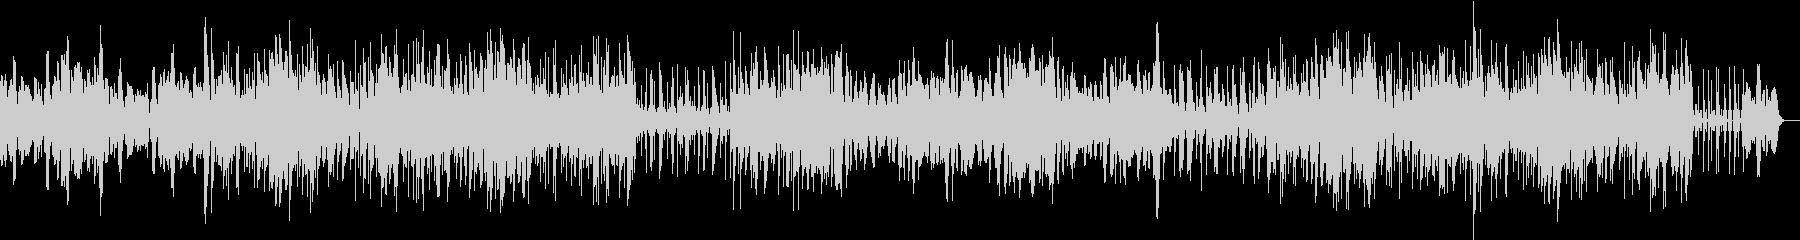 シンセサイザーによるストレッチ音楽の未再生の波形